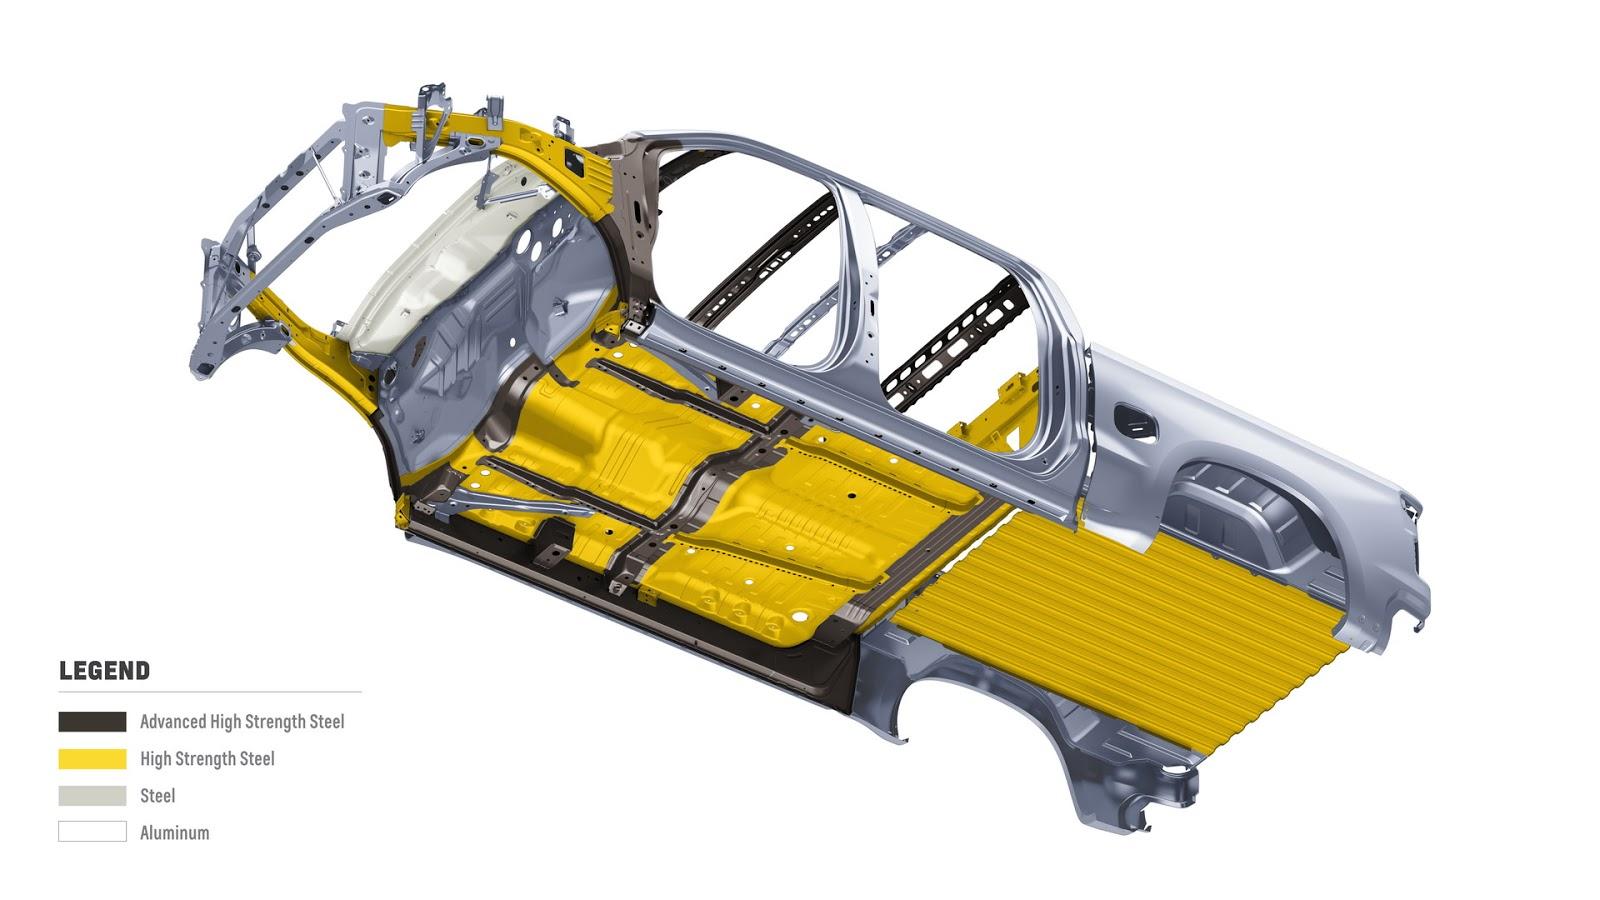 2019 Chevrolet Silverado Engine Range Includes 3 0-liter Inline-6